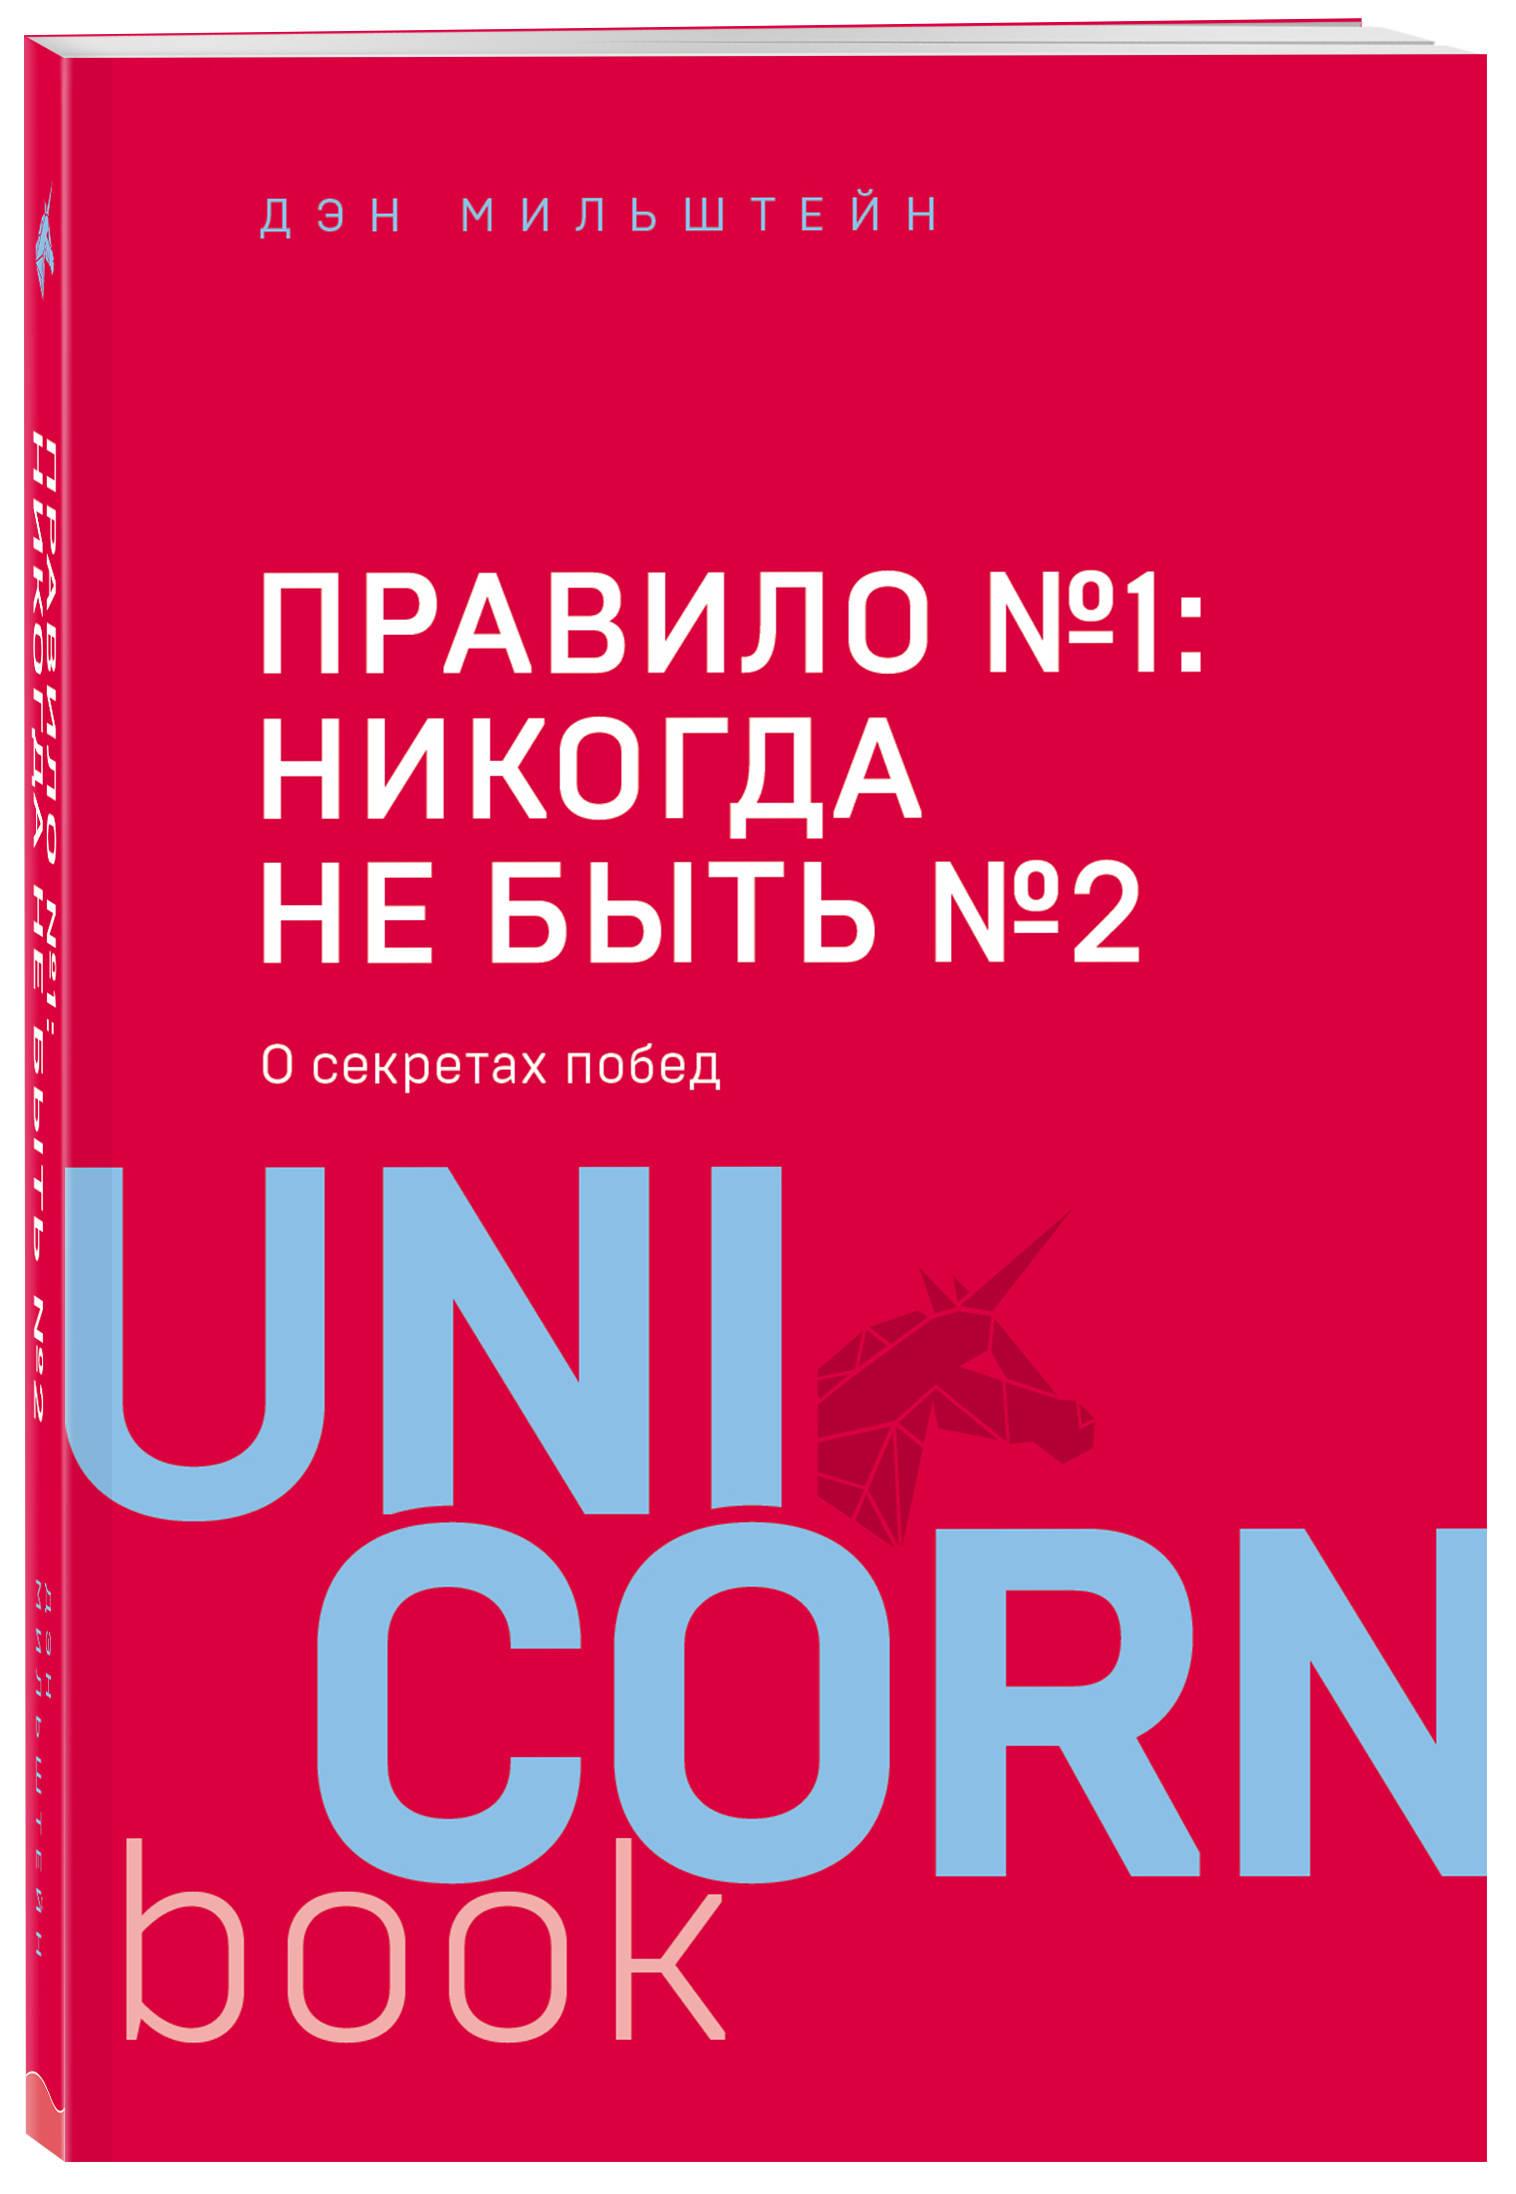 Правило №1 - никогда не быть №2: агент Павла Дацюка, Никиты Кучерова, Артем